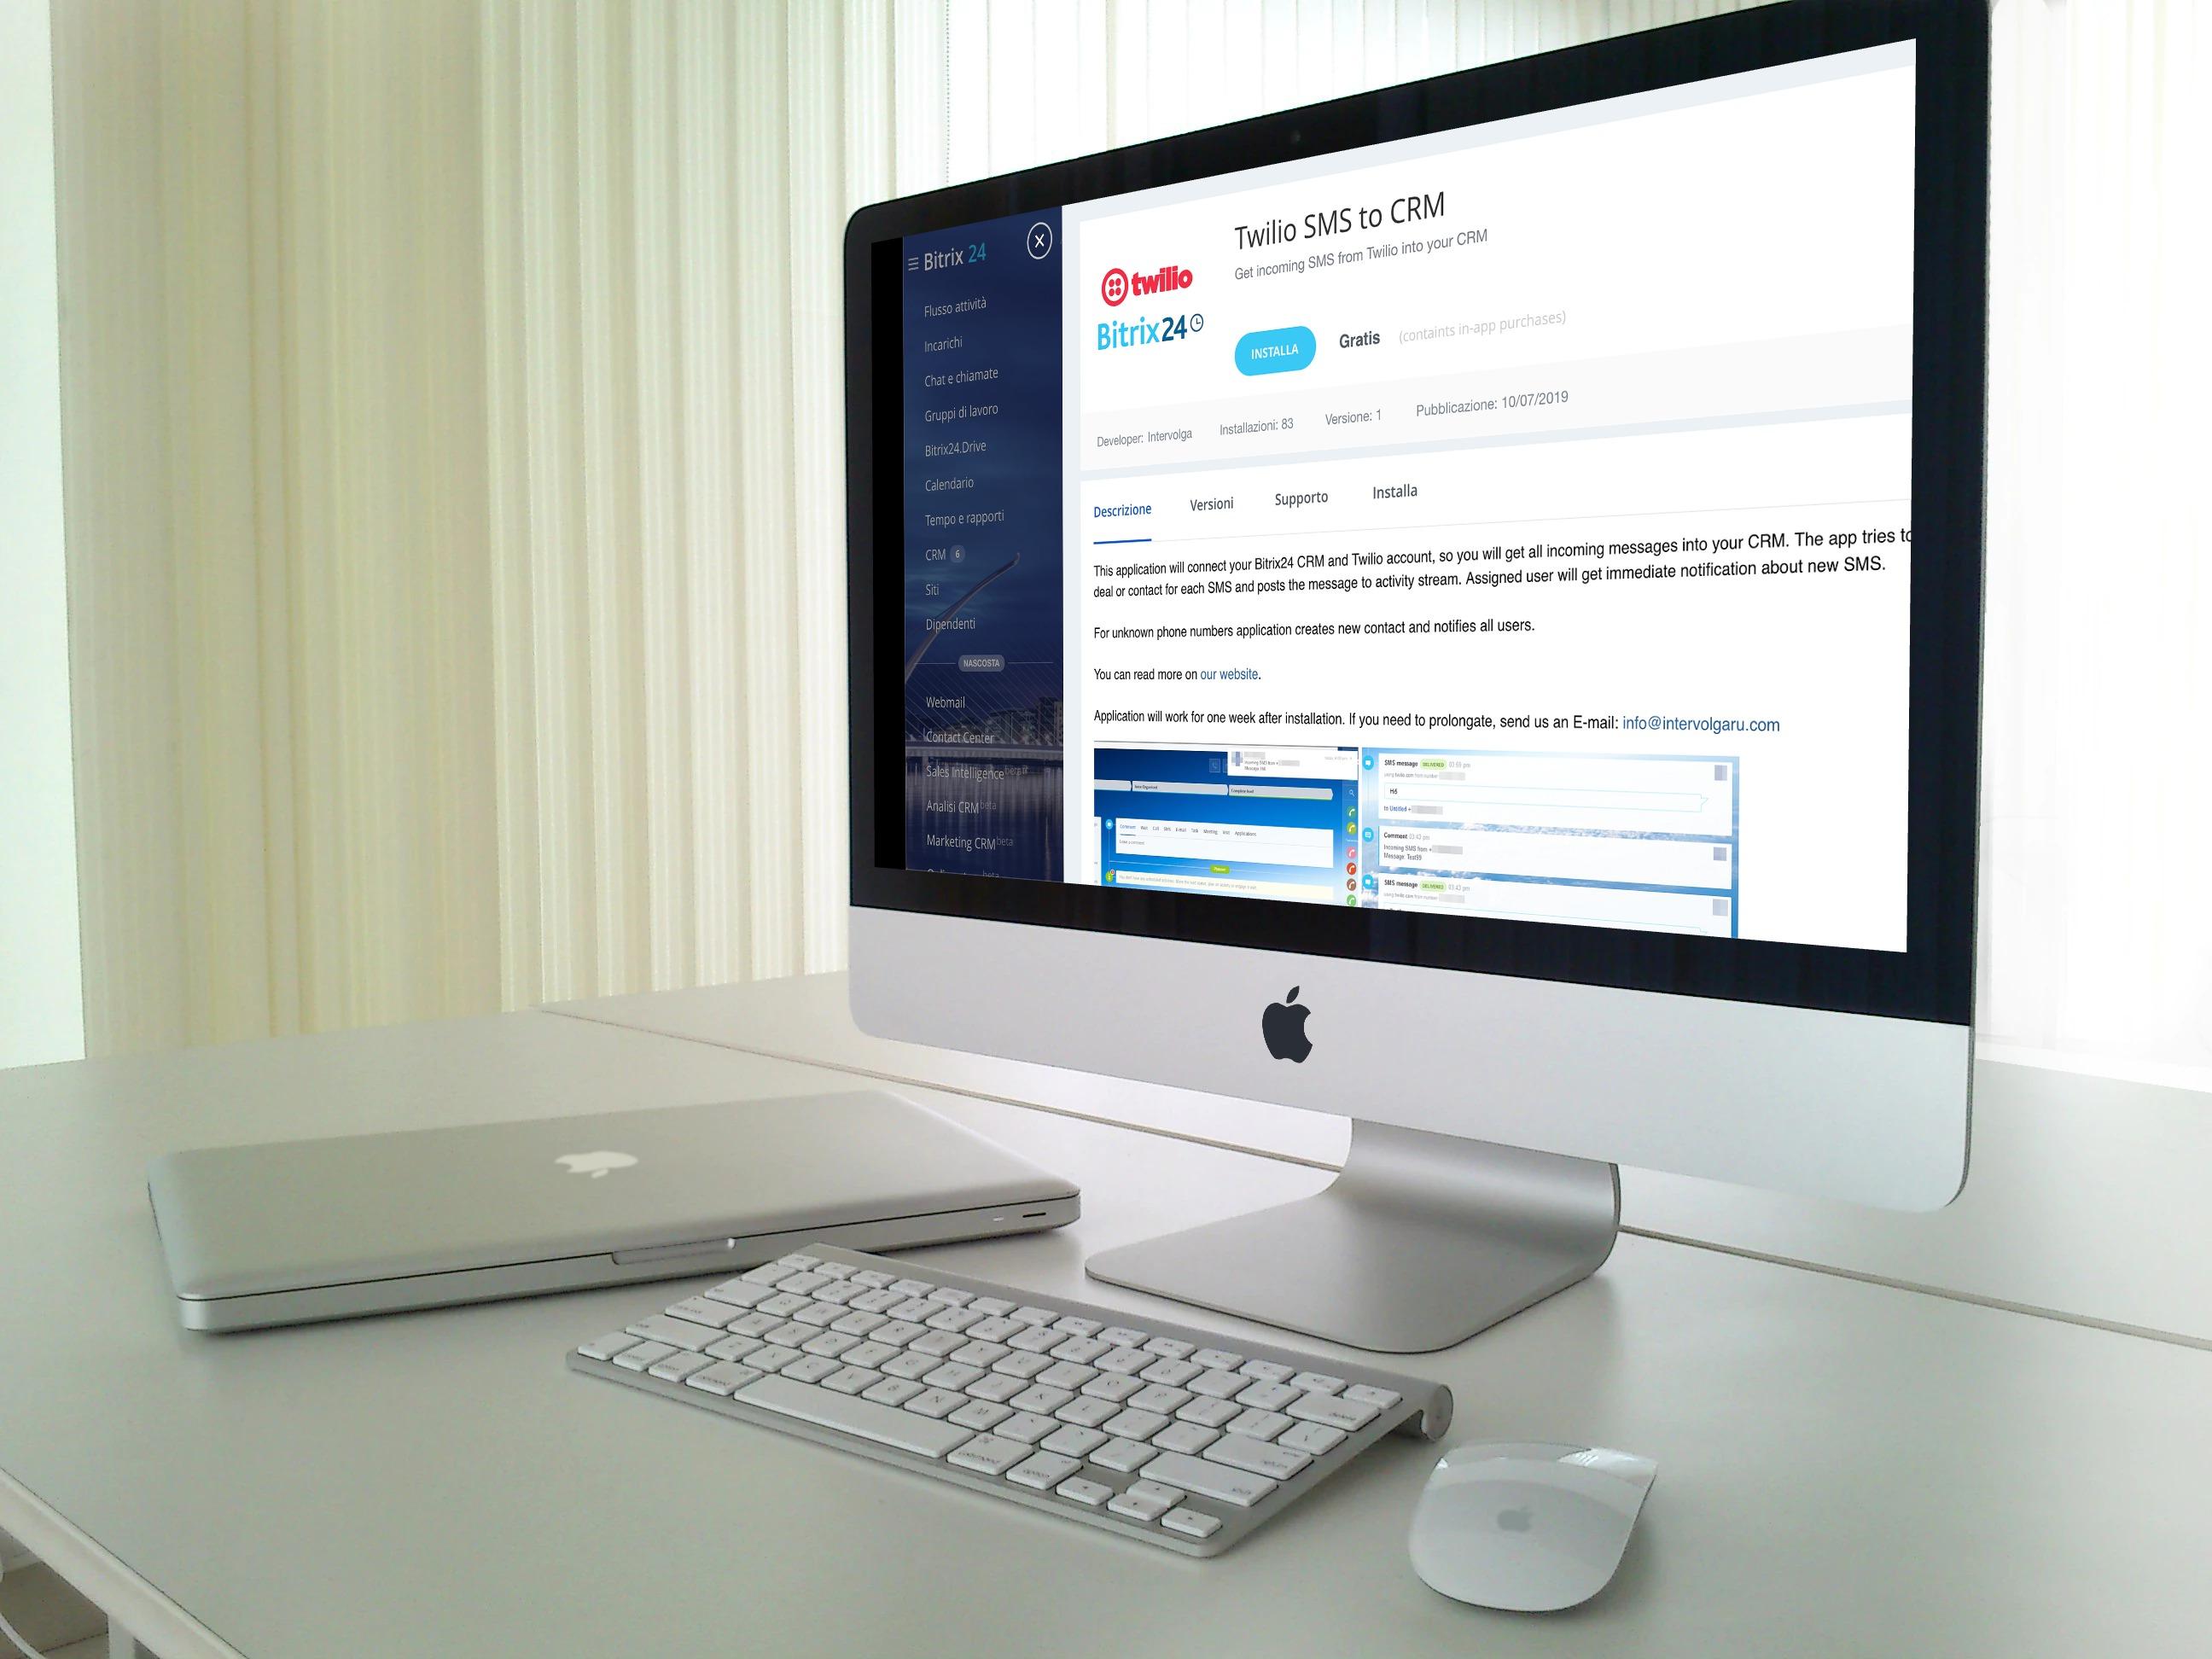 Gli SMS in entrata su Bitrix24 sono ora supportati da Twilio SMS